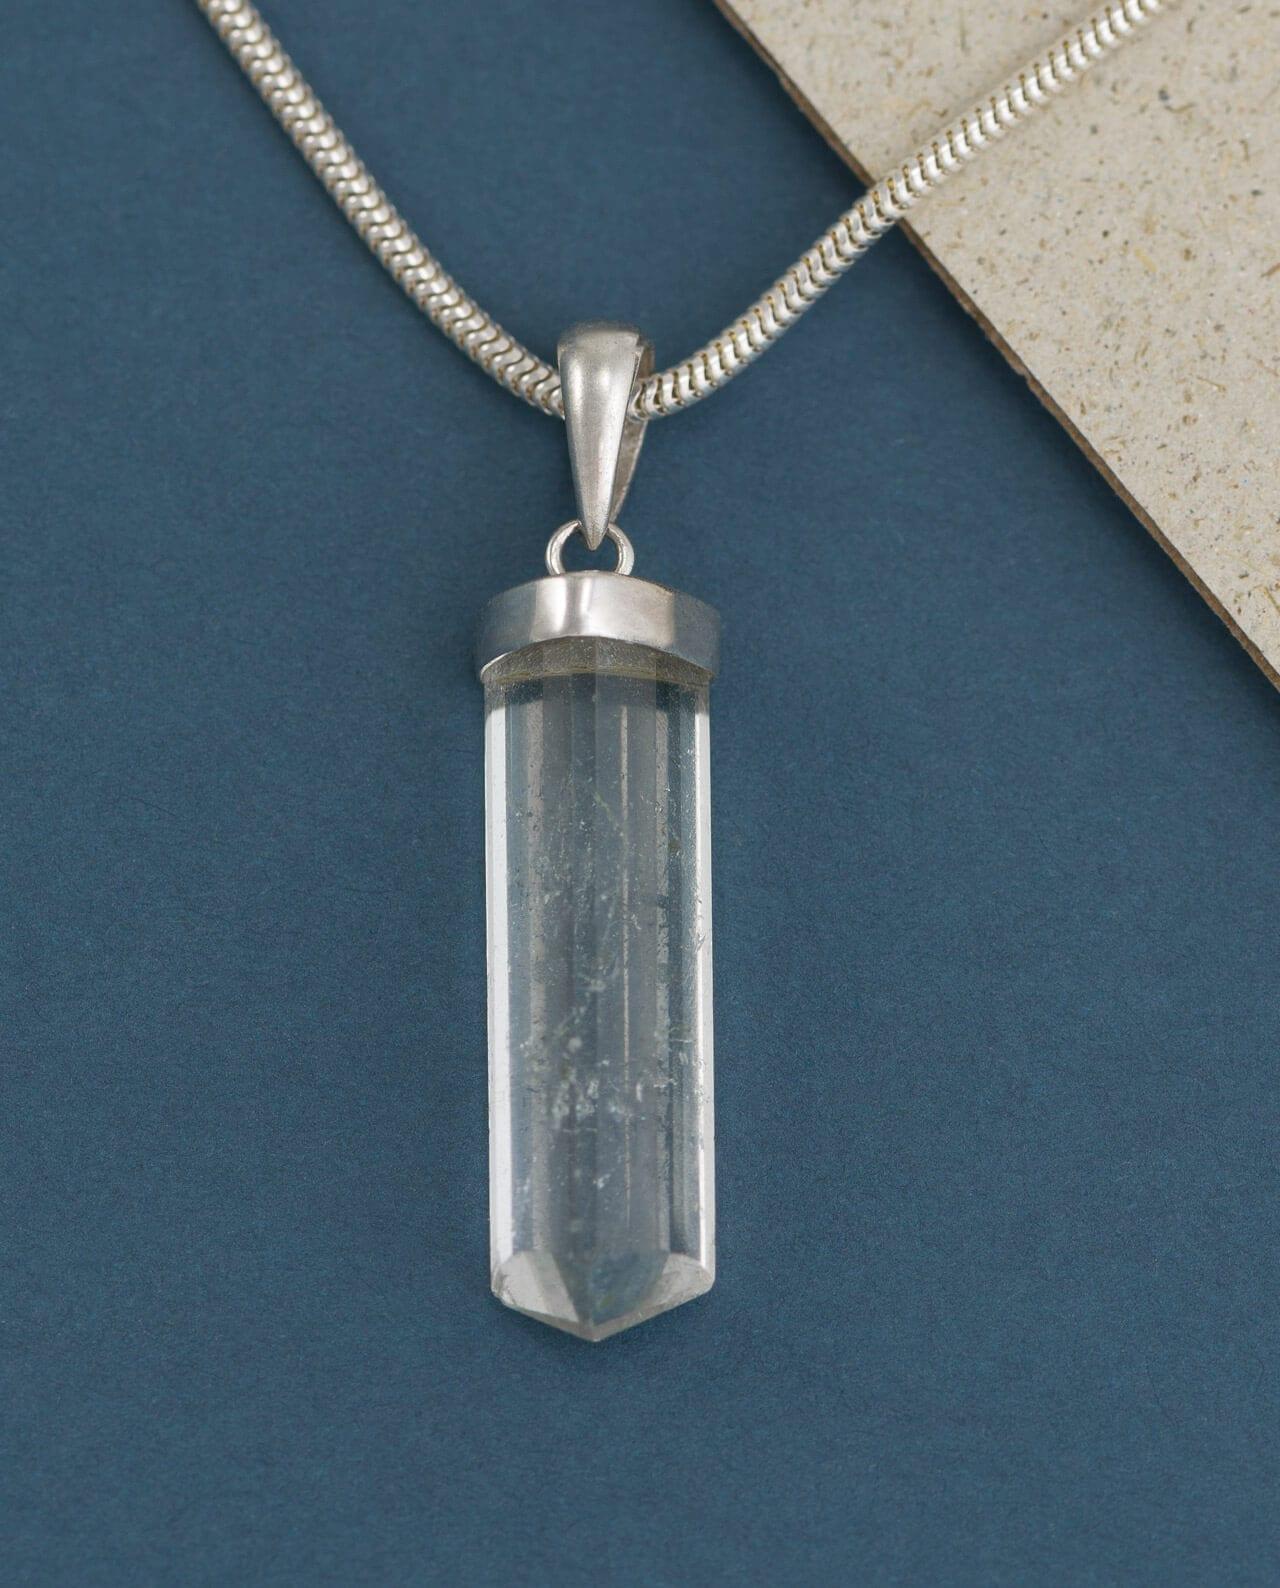 CONLIGHT Beryll Silber Anheanger facettiert